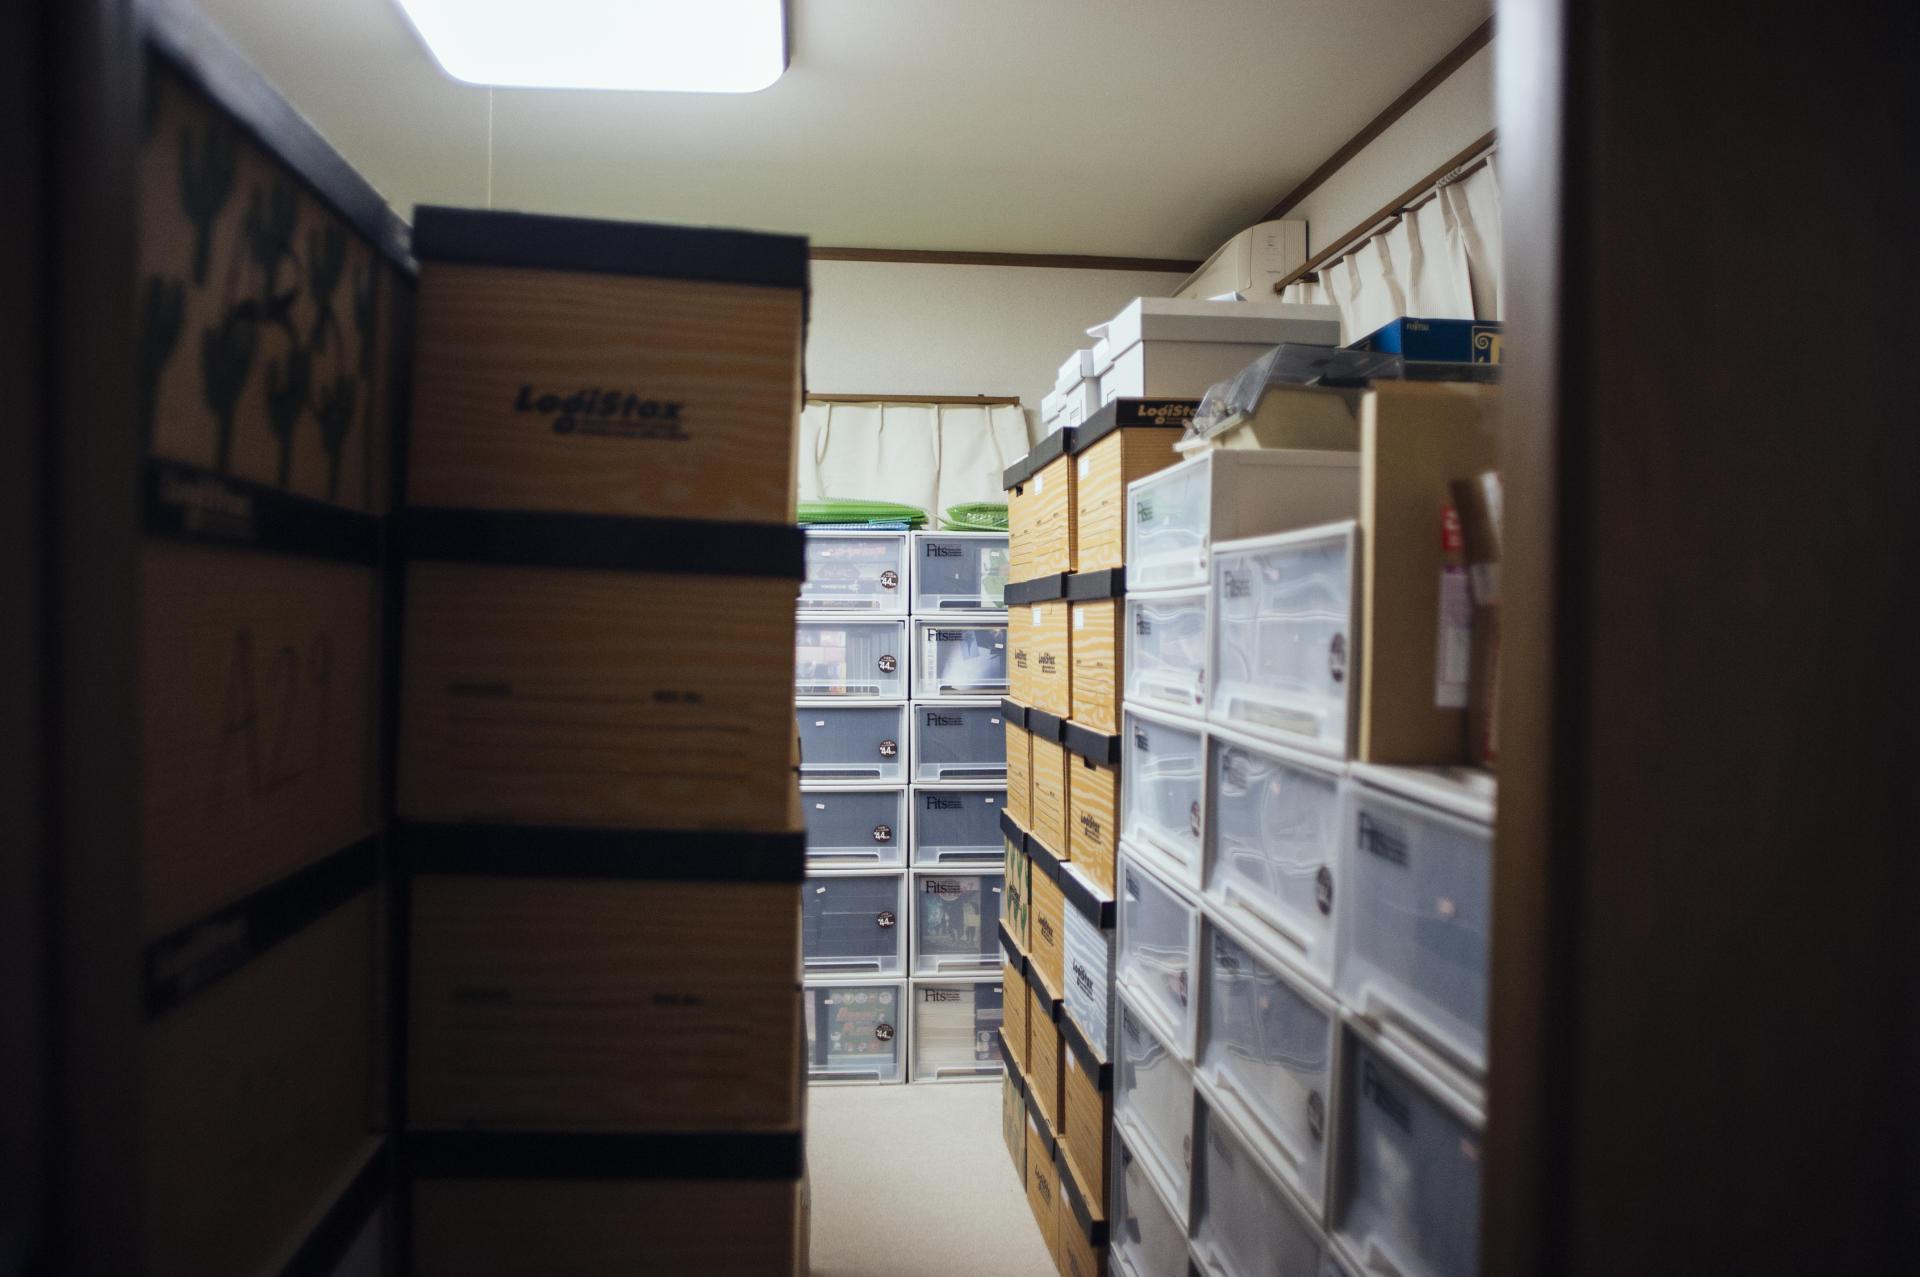 La salle des archives commence à être trop petite dans la maison de l'association.